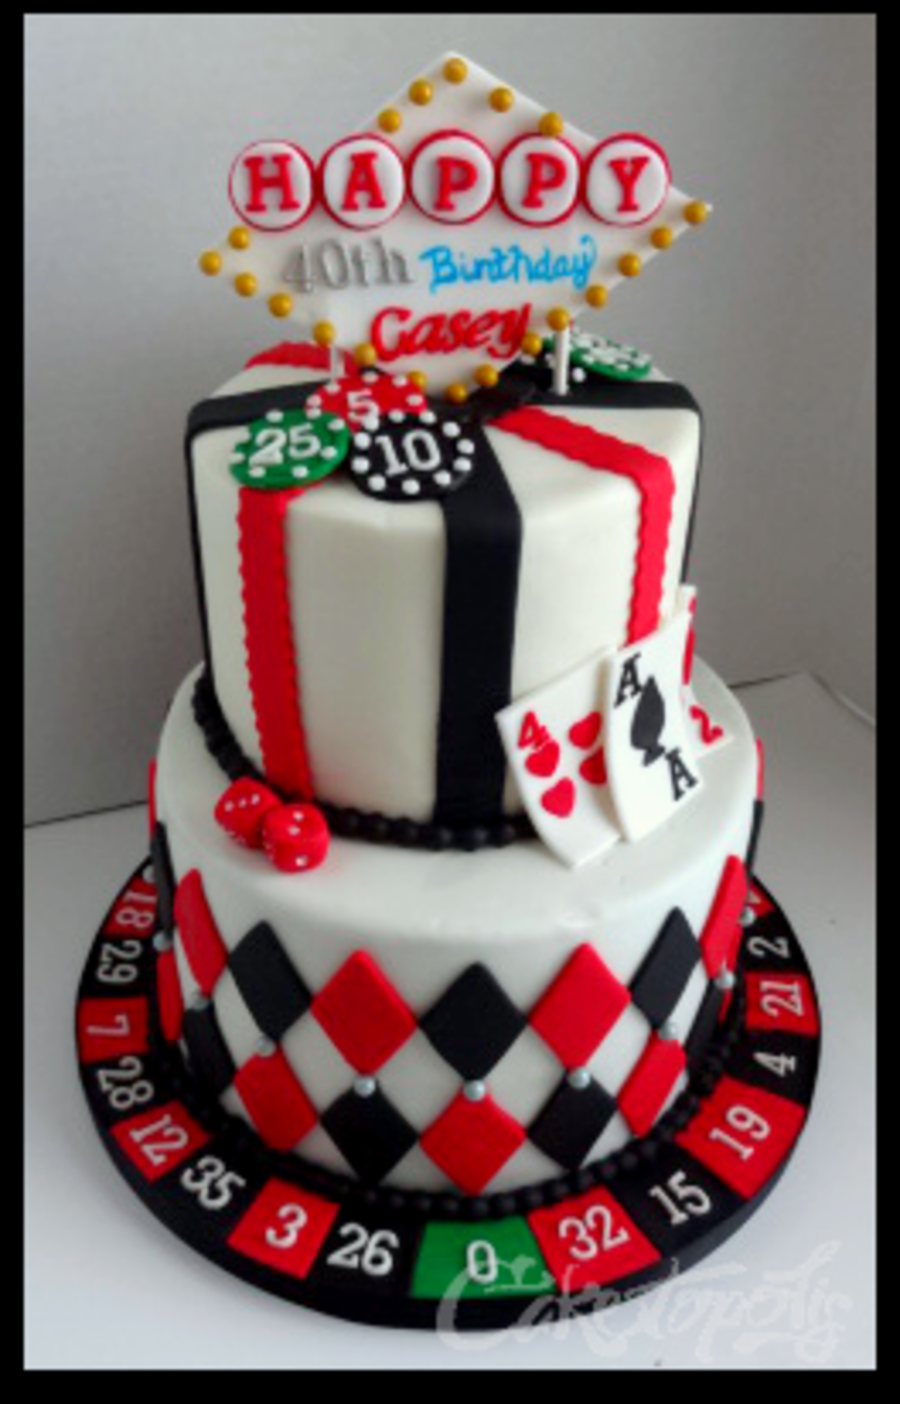 Happy Birthday Poker Cake